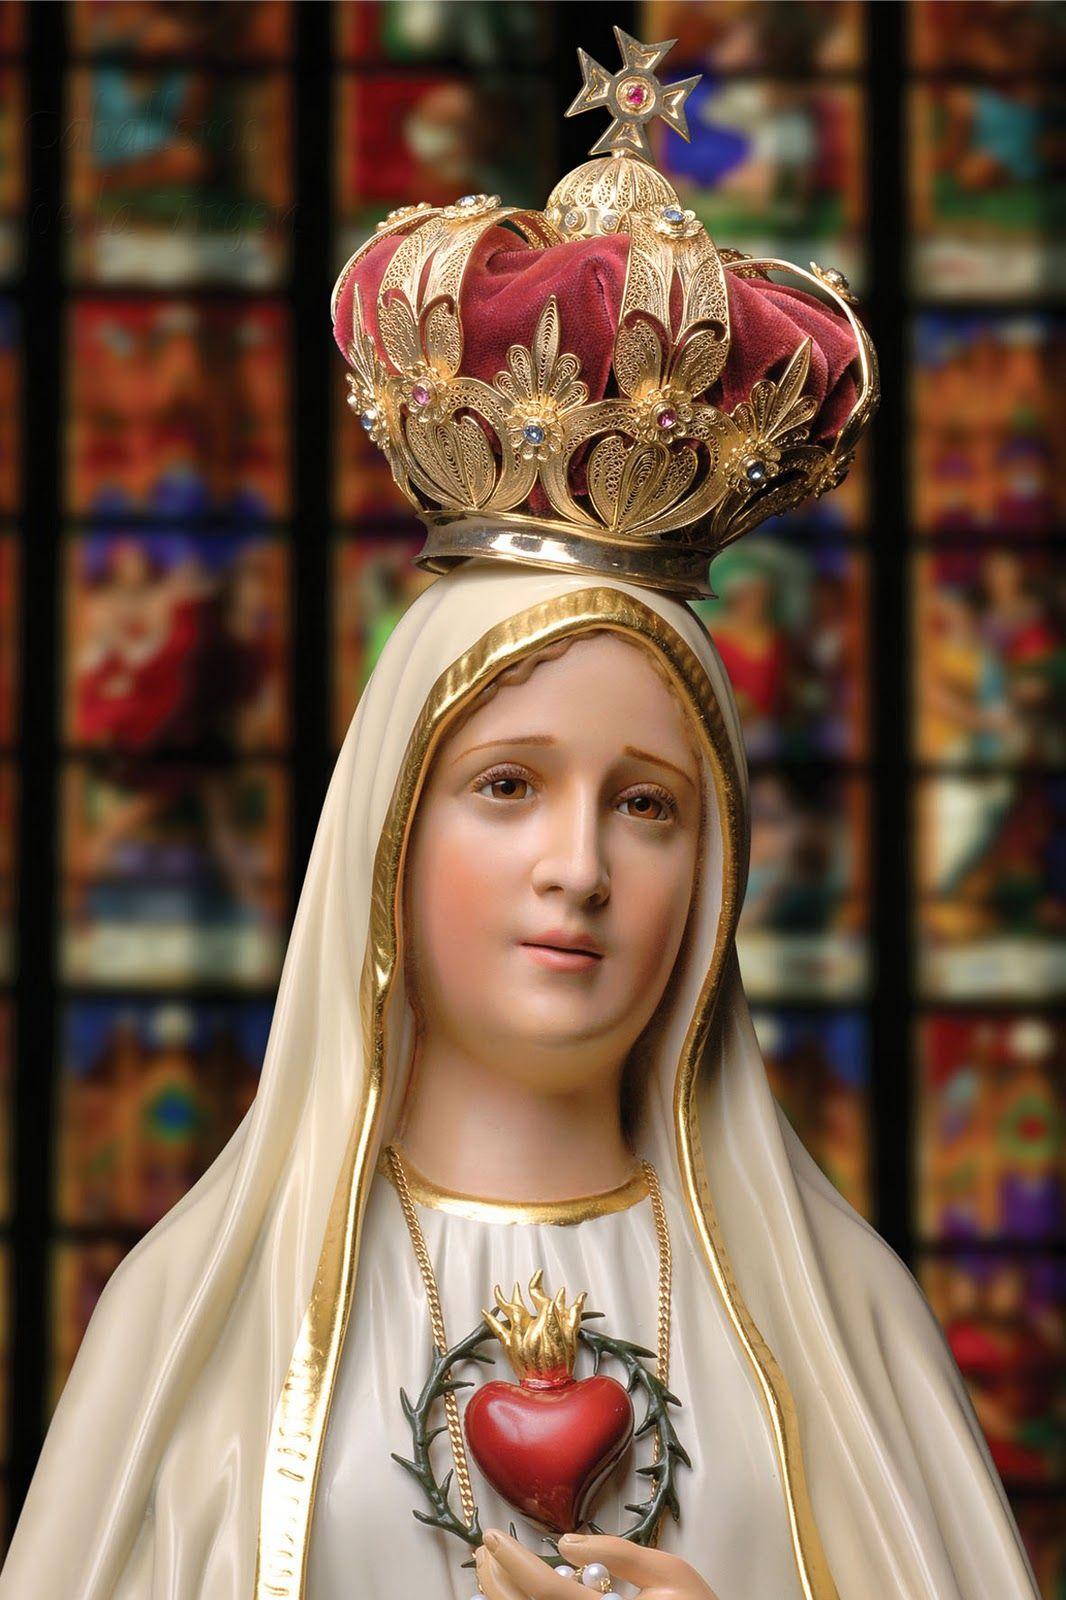 Virgen Maria De Mayo Wallpaper Virgen Maria Imagenes De La